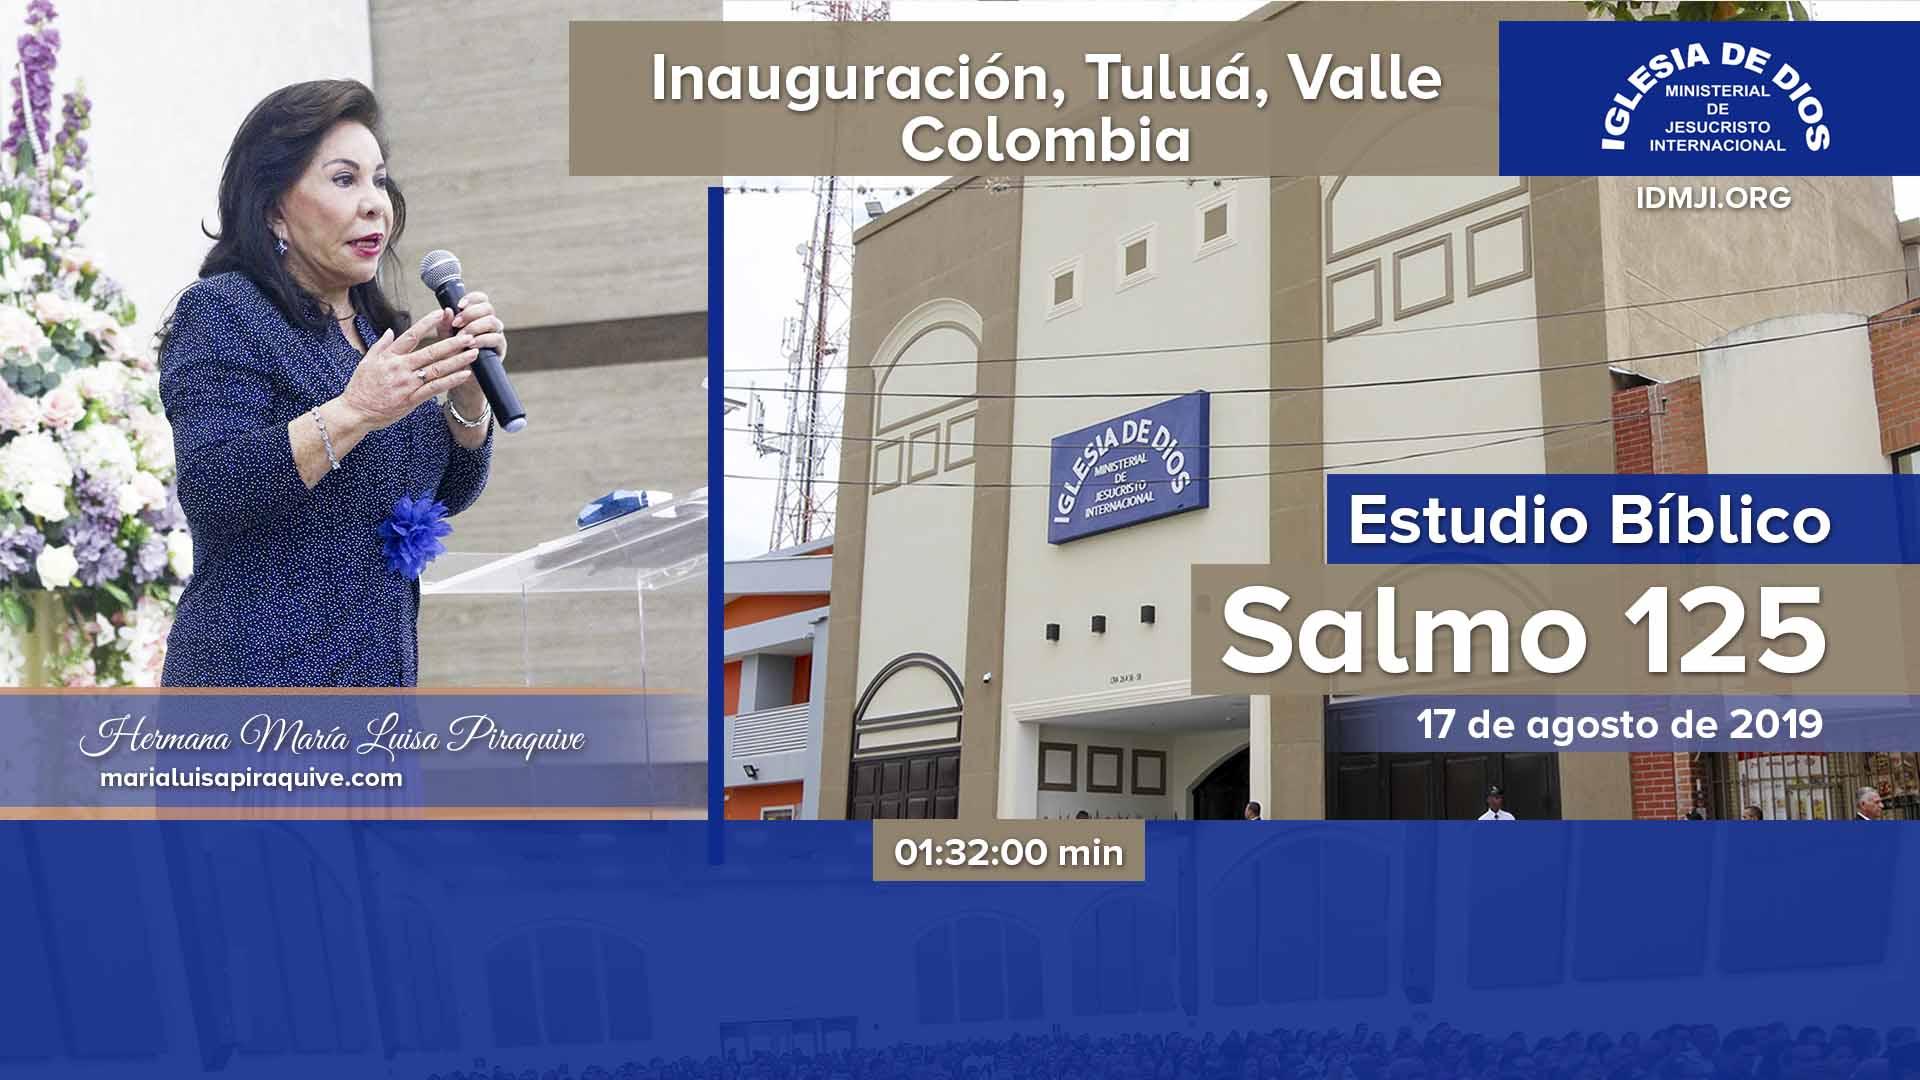 Estudio Bíblico: Inauguración de la Iglesia en Tuluá, Valle, Colombia – 17 agosto 2019